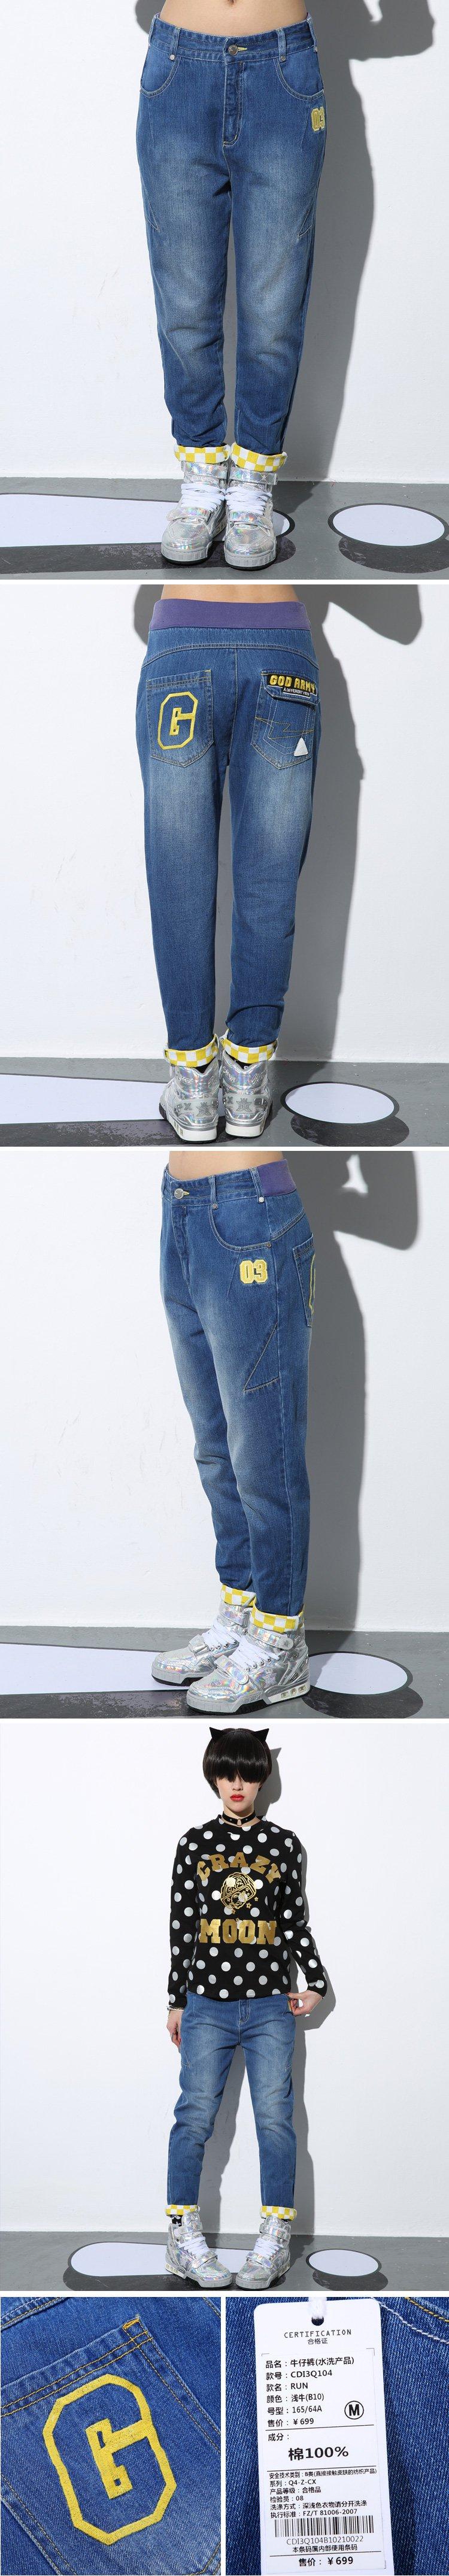 浅蓝色拼接牛仔裤